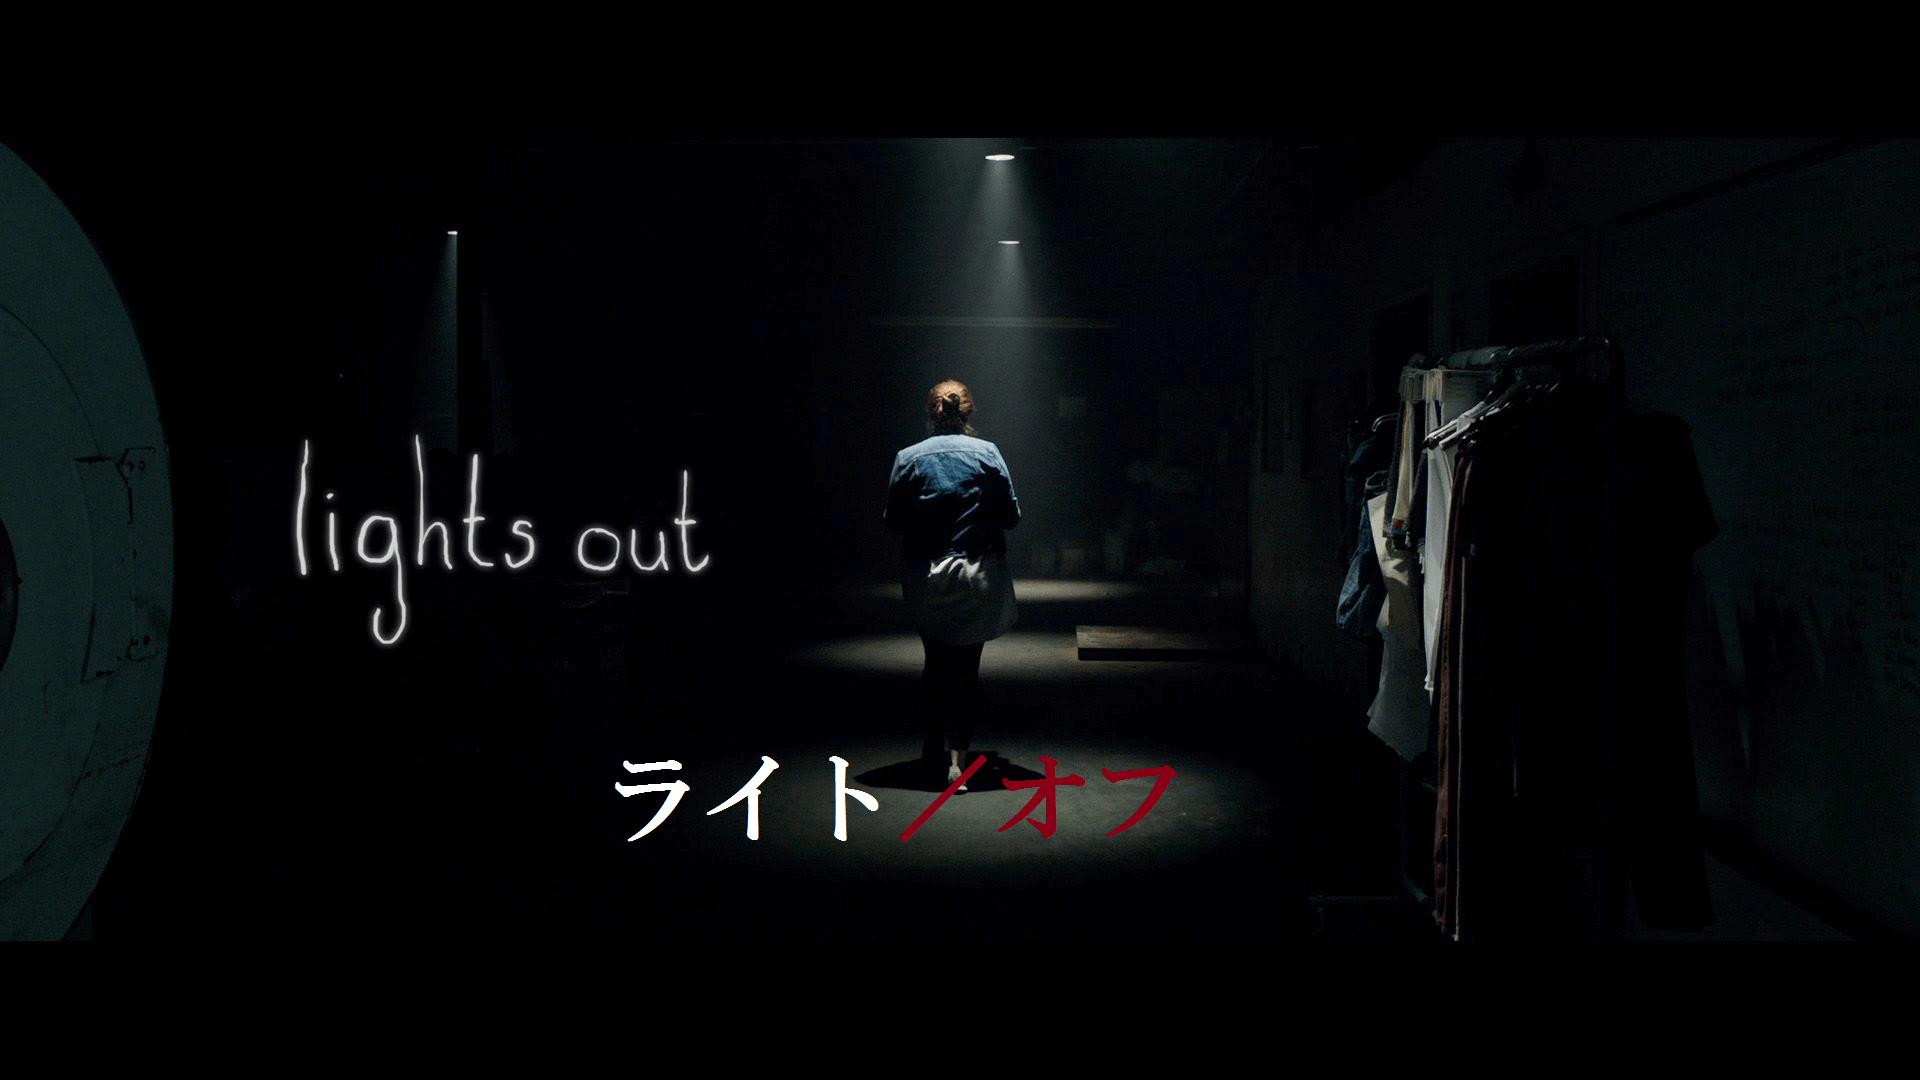 【ライト/オフ】続編決定!1億5000万回再生されたという恐怖映像!